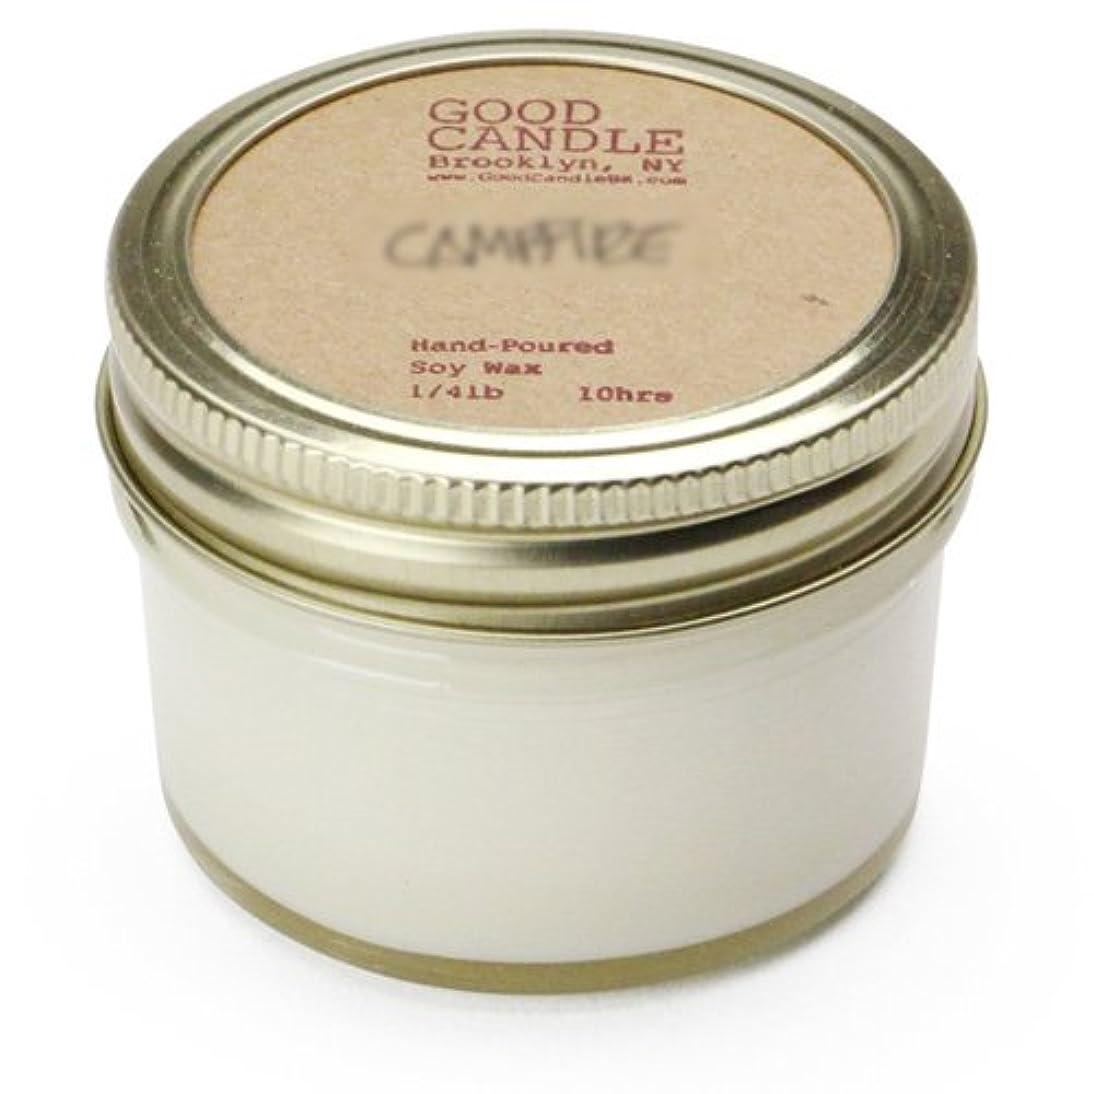 怠な治世危険を冒しますグッドキャンドル 1/4ポンド ゼリージャー キャンドル Good Candle 1/4LB Jelly jar candle [ Wash board ] 正規品